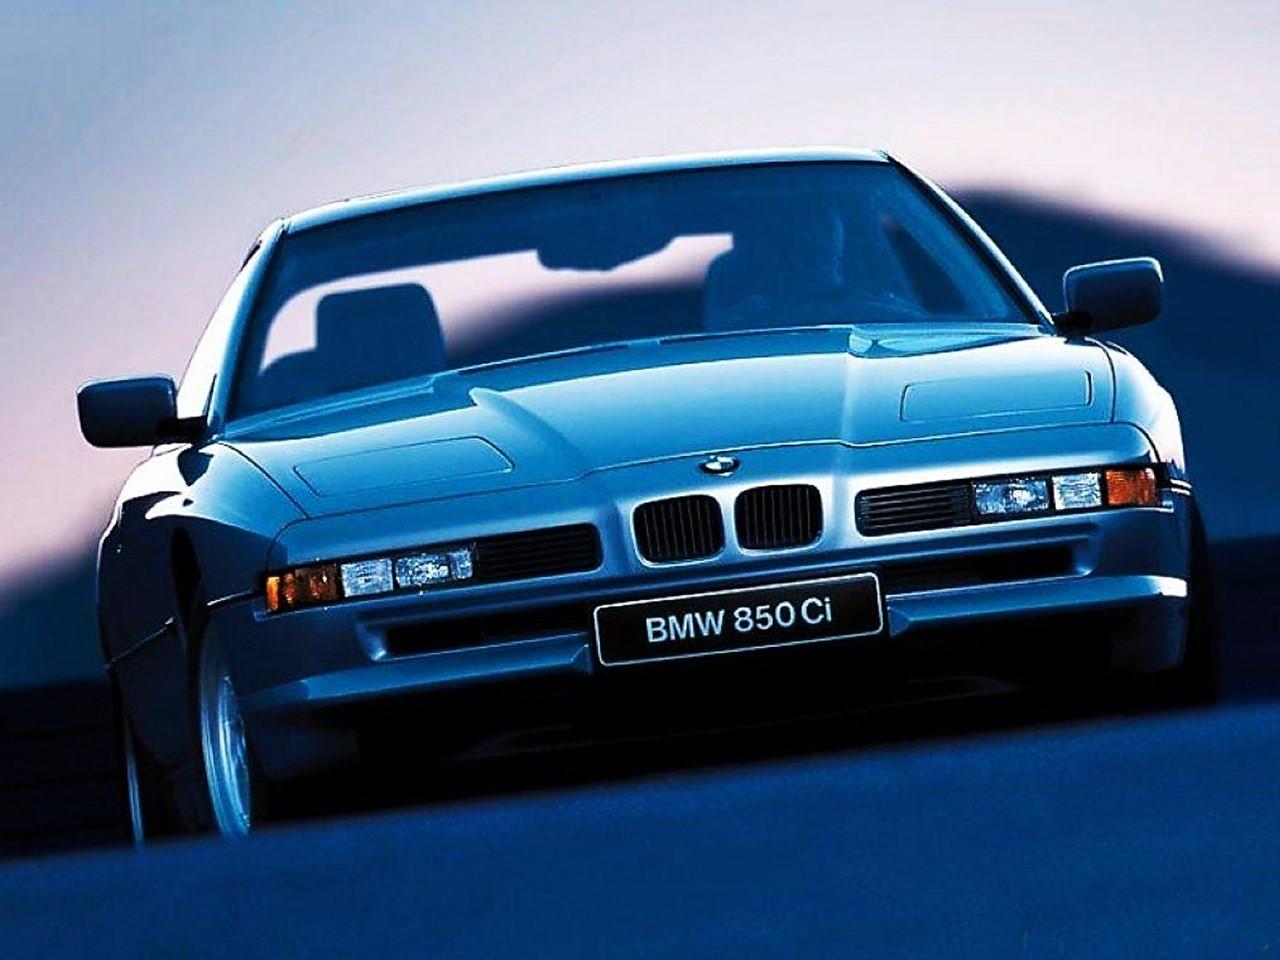 BMW 850 Ci 4